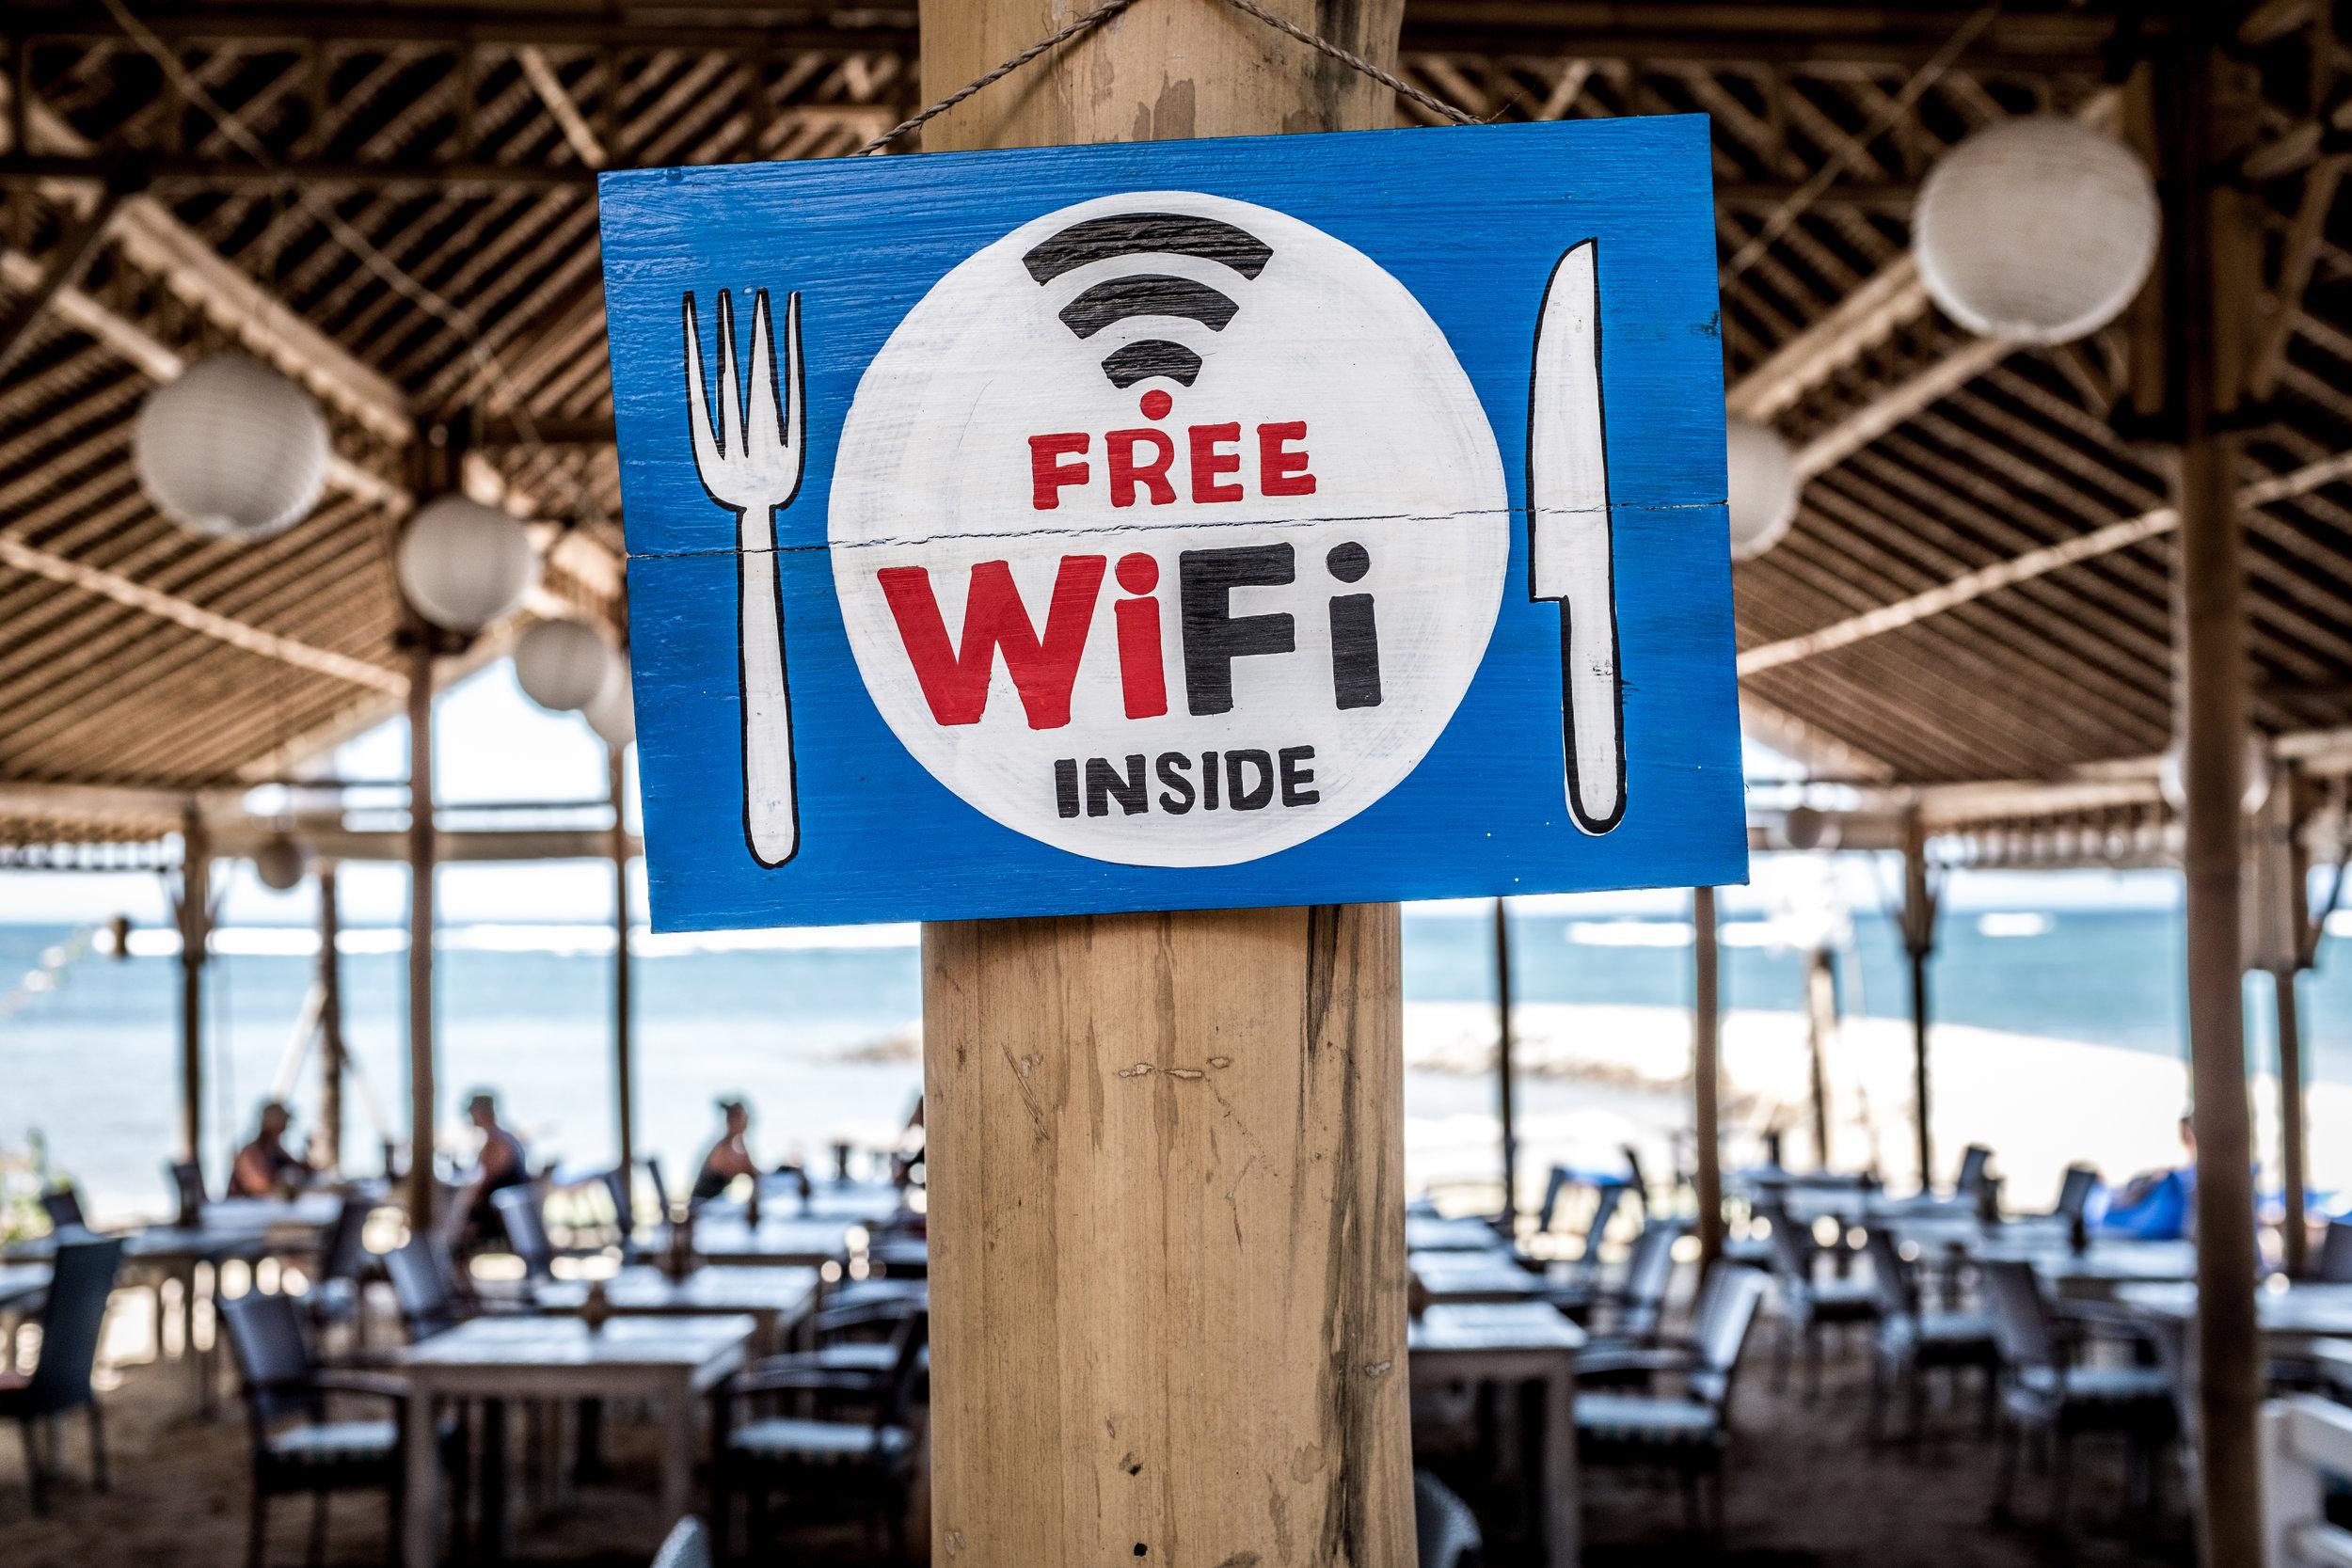 WiFi Gratis - Contrario a lo que muchos piensan, hoy en día en la mayoría de los destinos del Mundo es muy fácil conseguir acceso gratuto al internet. Desde hoteles, hostales y airbnbs hasta restaurantes y cafés todos compiten por atraer los turistas y nada mejor que ofrecer free wifi. Si quieres desconectarte un poco en tu viaje, esta puede ser la solución.